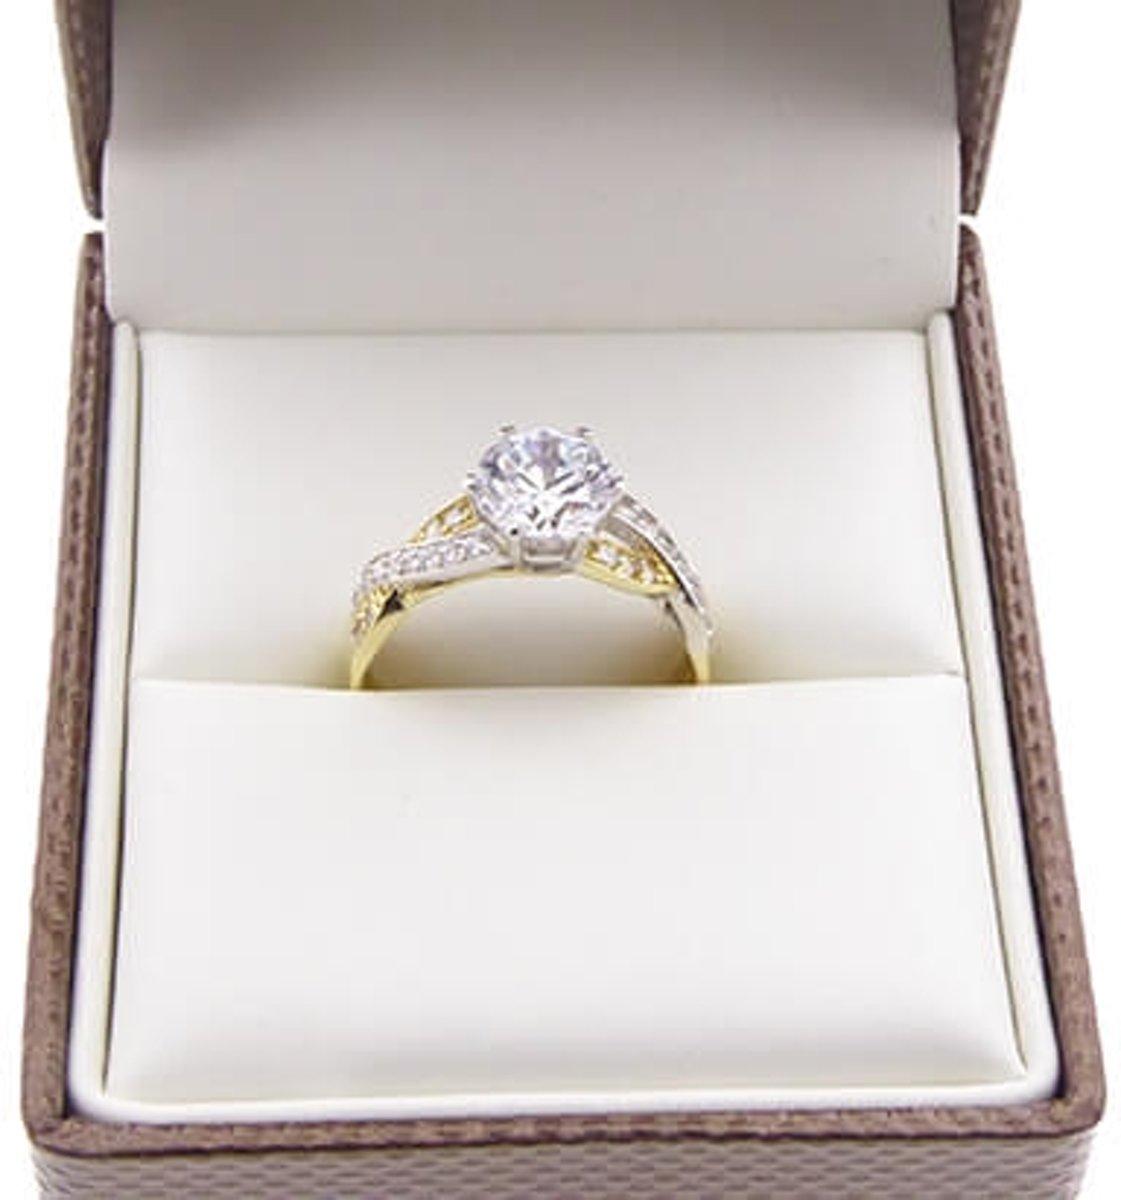 79379f8c863 bol.com | Christian ring met zirkonia